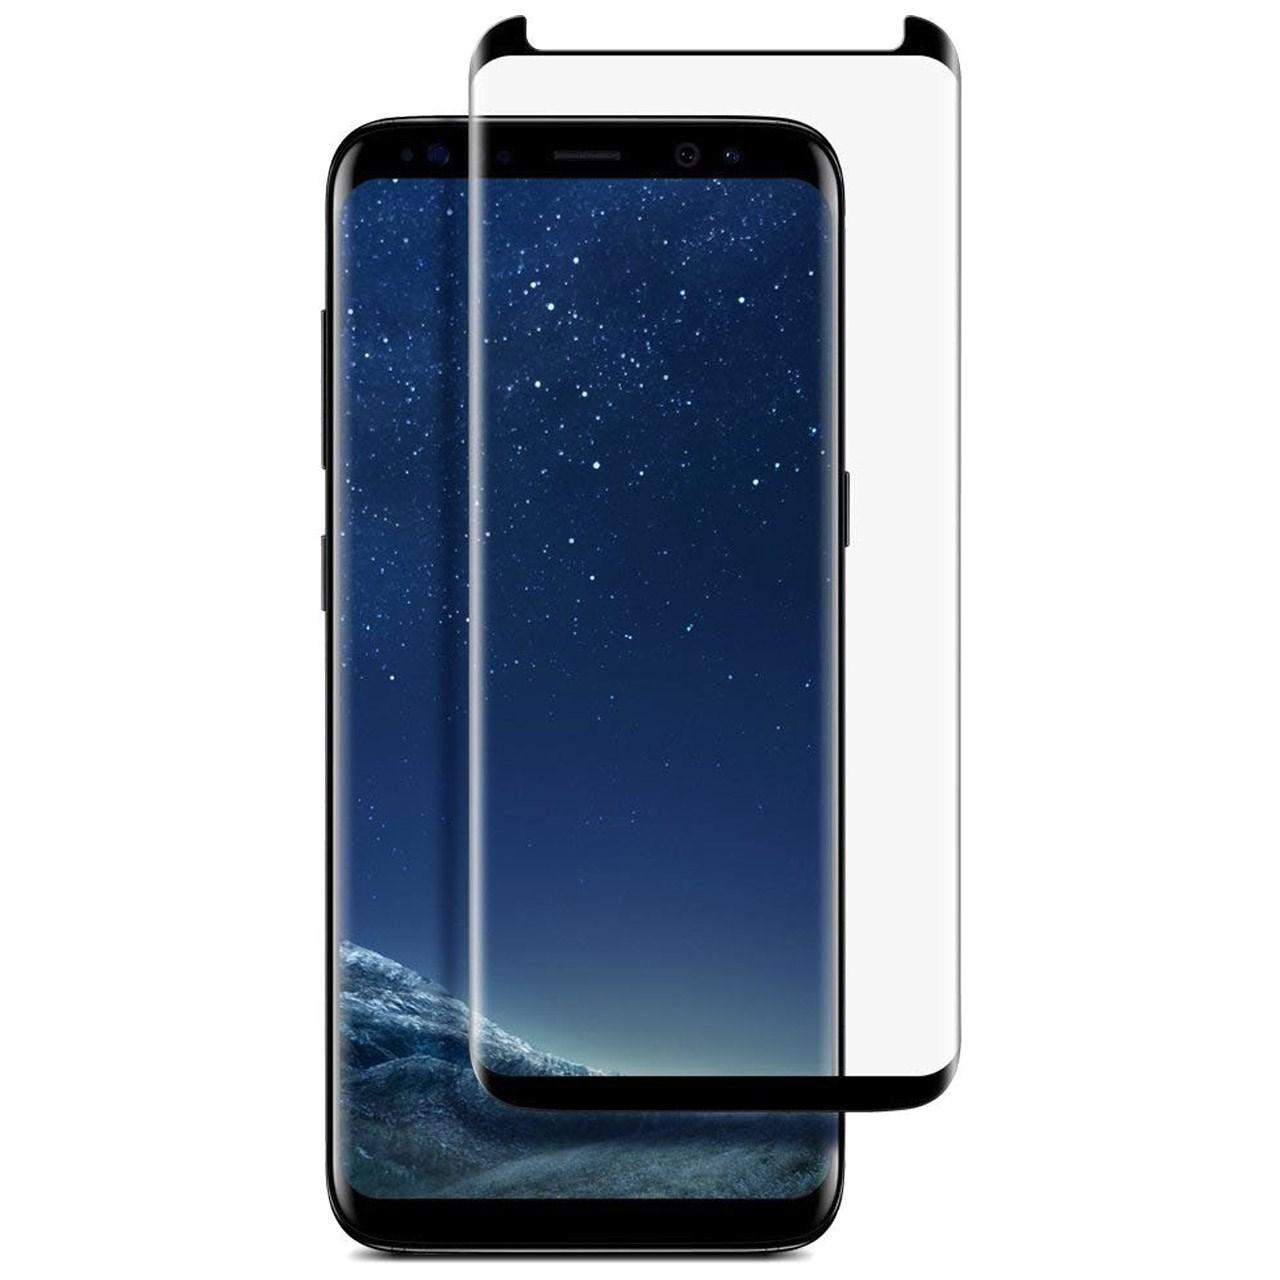 محافظ صفحه نمایش تی پی یو آر جی مدل  Color Line مناسب برای گوشی موبایل سامسونگ  Galaxy S8 Plus